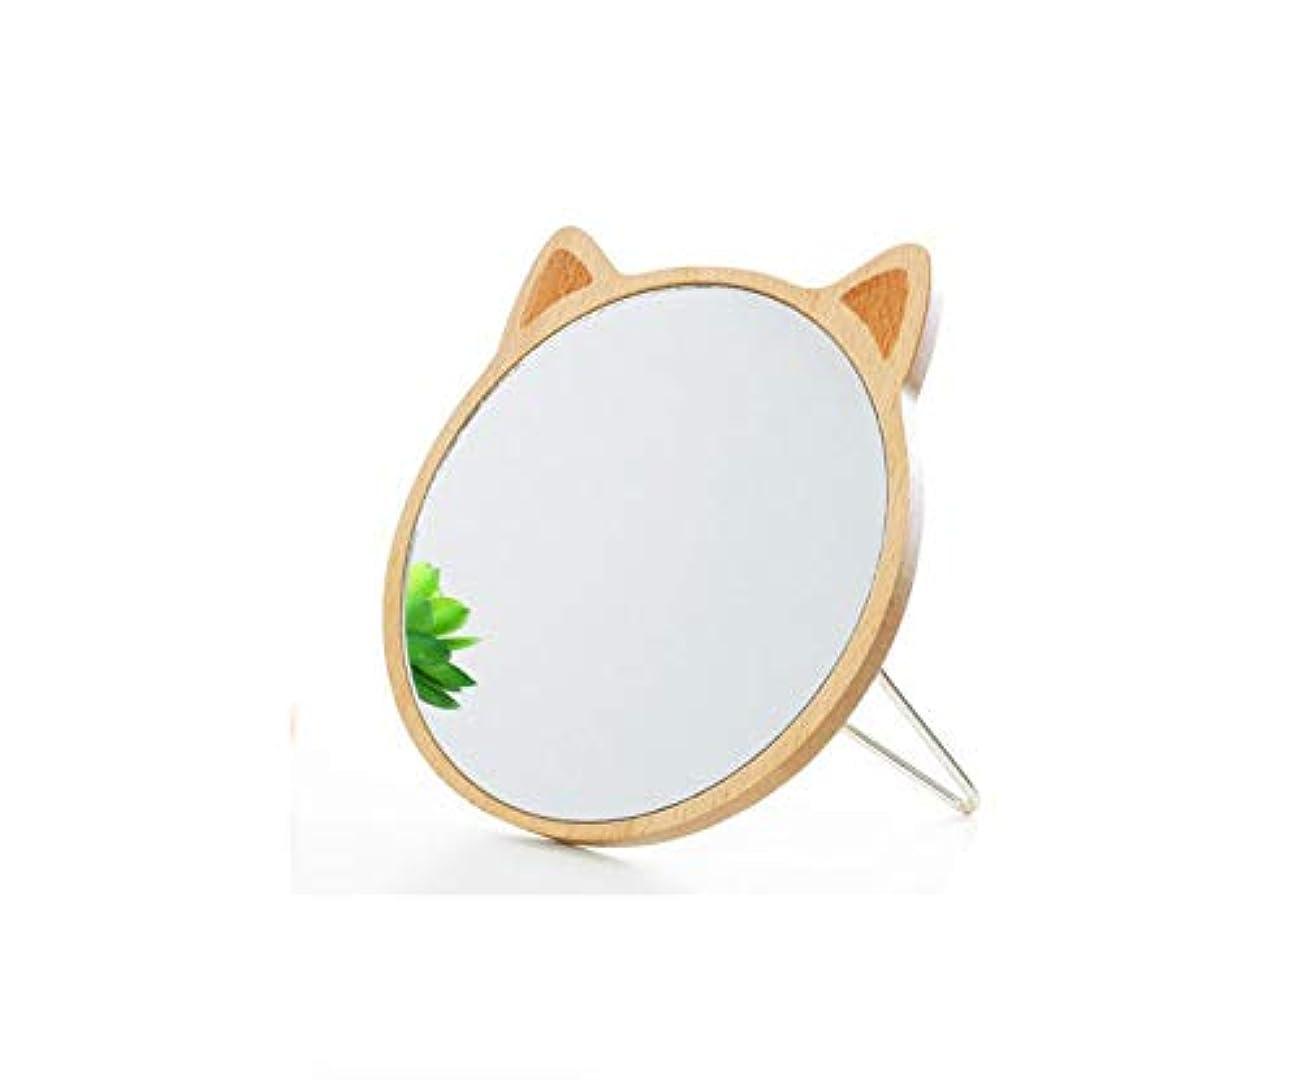 コミットメント粒子一般的にKTH 化粧鏡、かわいい丸い猫の耳木製化粧鏡化粧ギフト